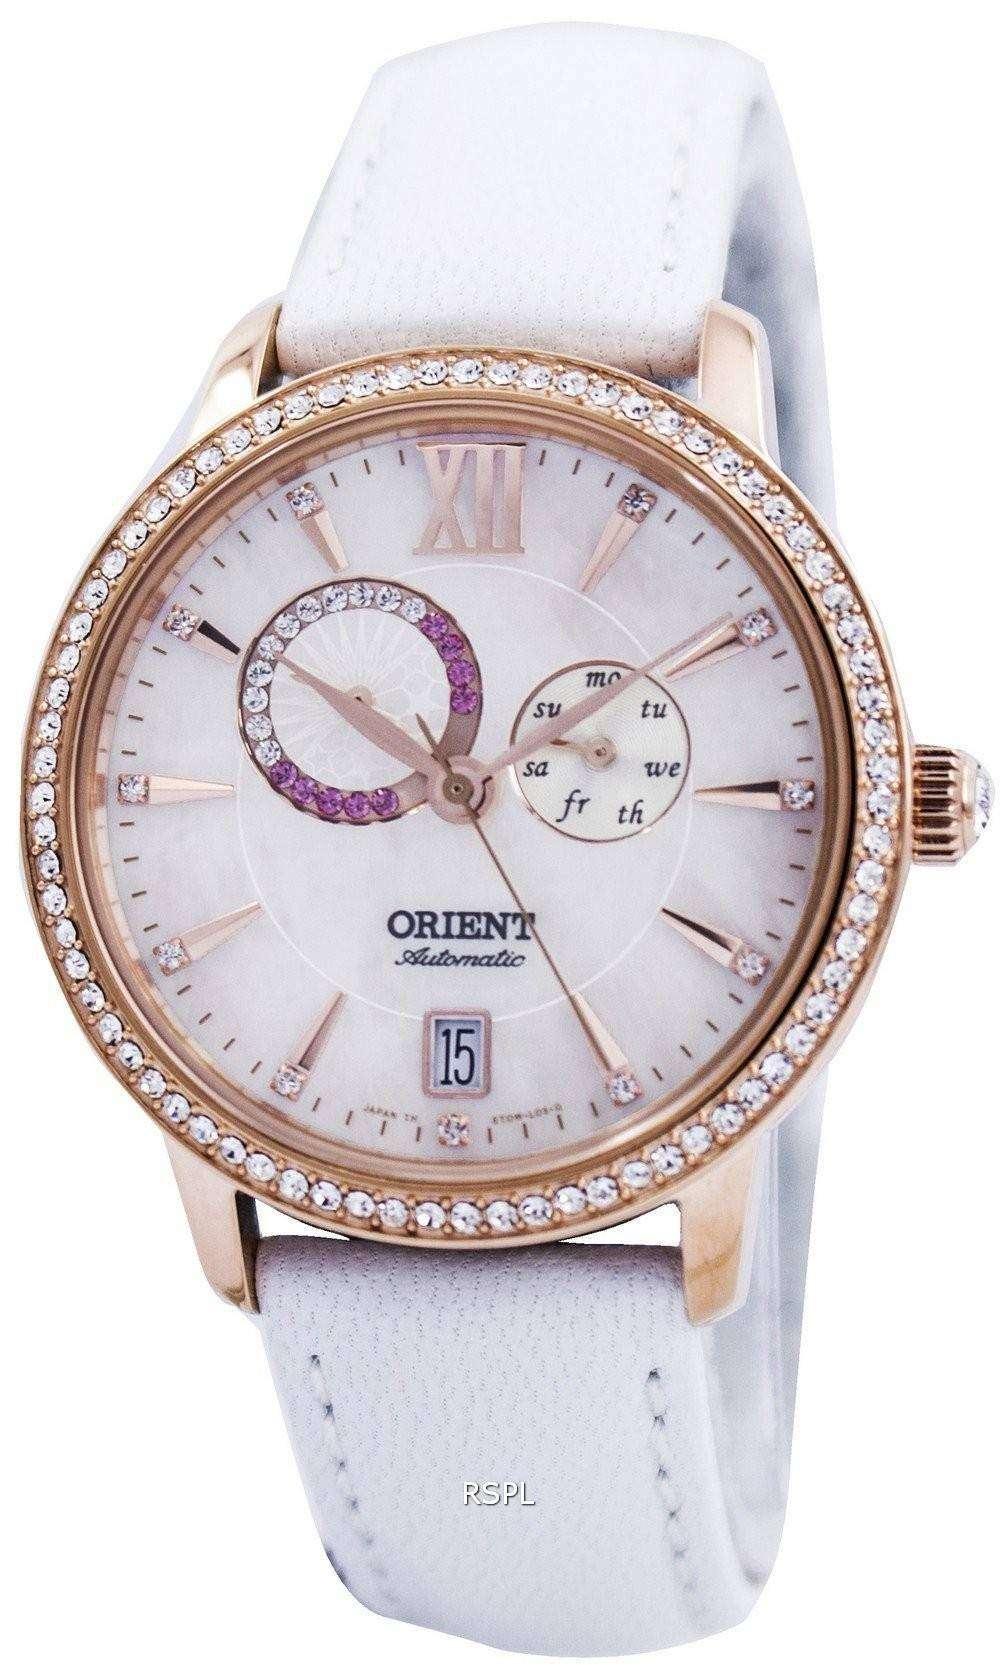 Orient automatic swarovski crystal set0w001w0 et0w001w women 39 s watch downunderwatches for Swarovski crystals watch